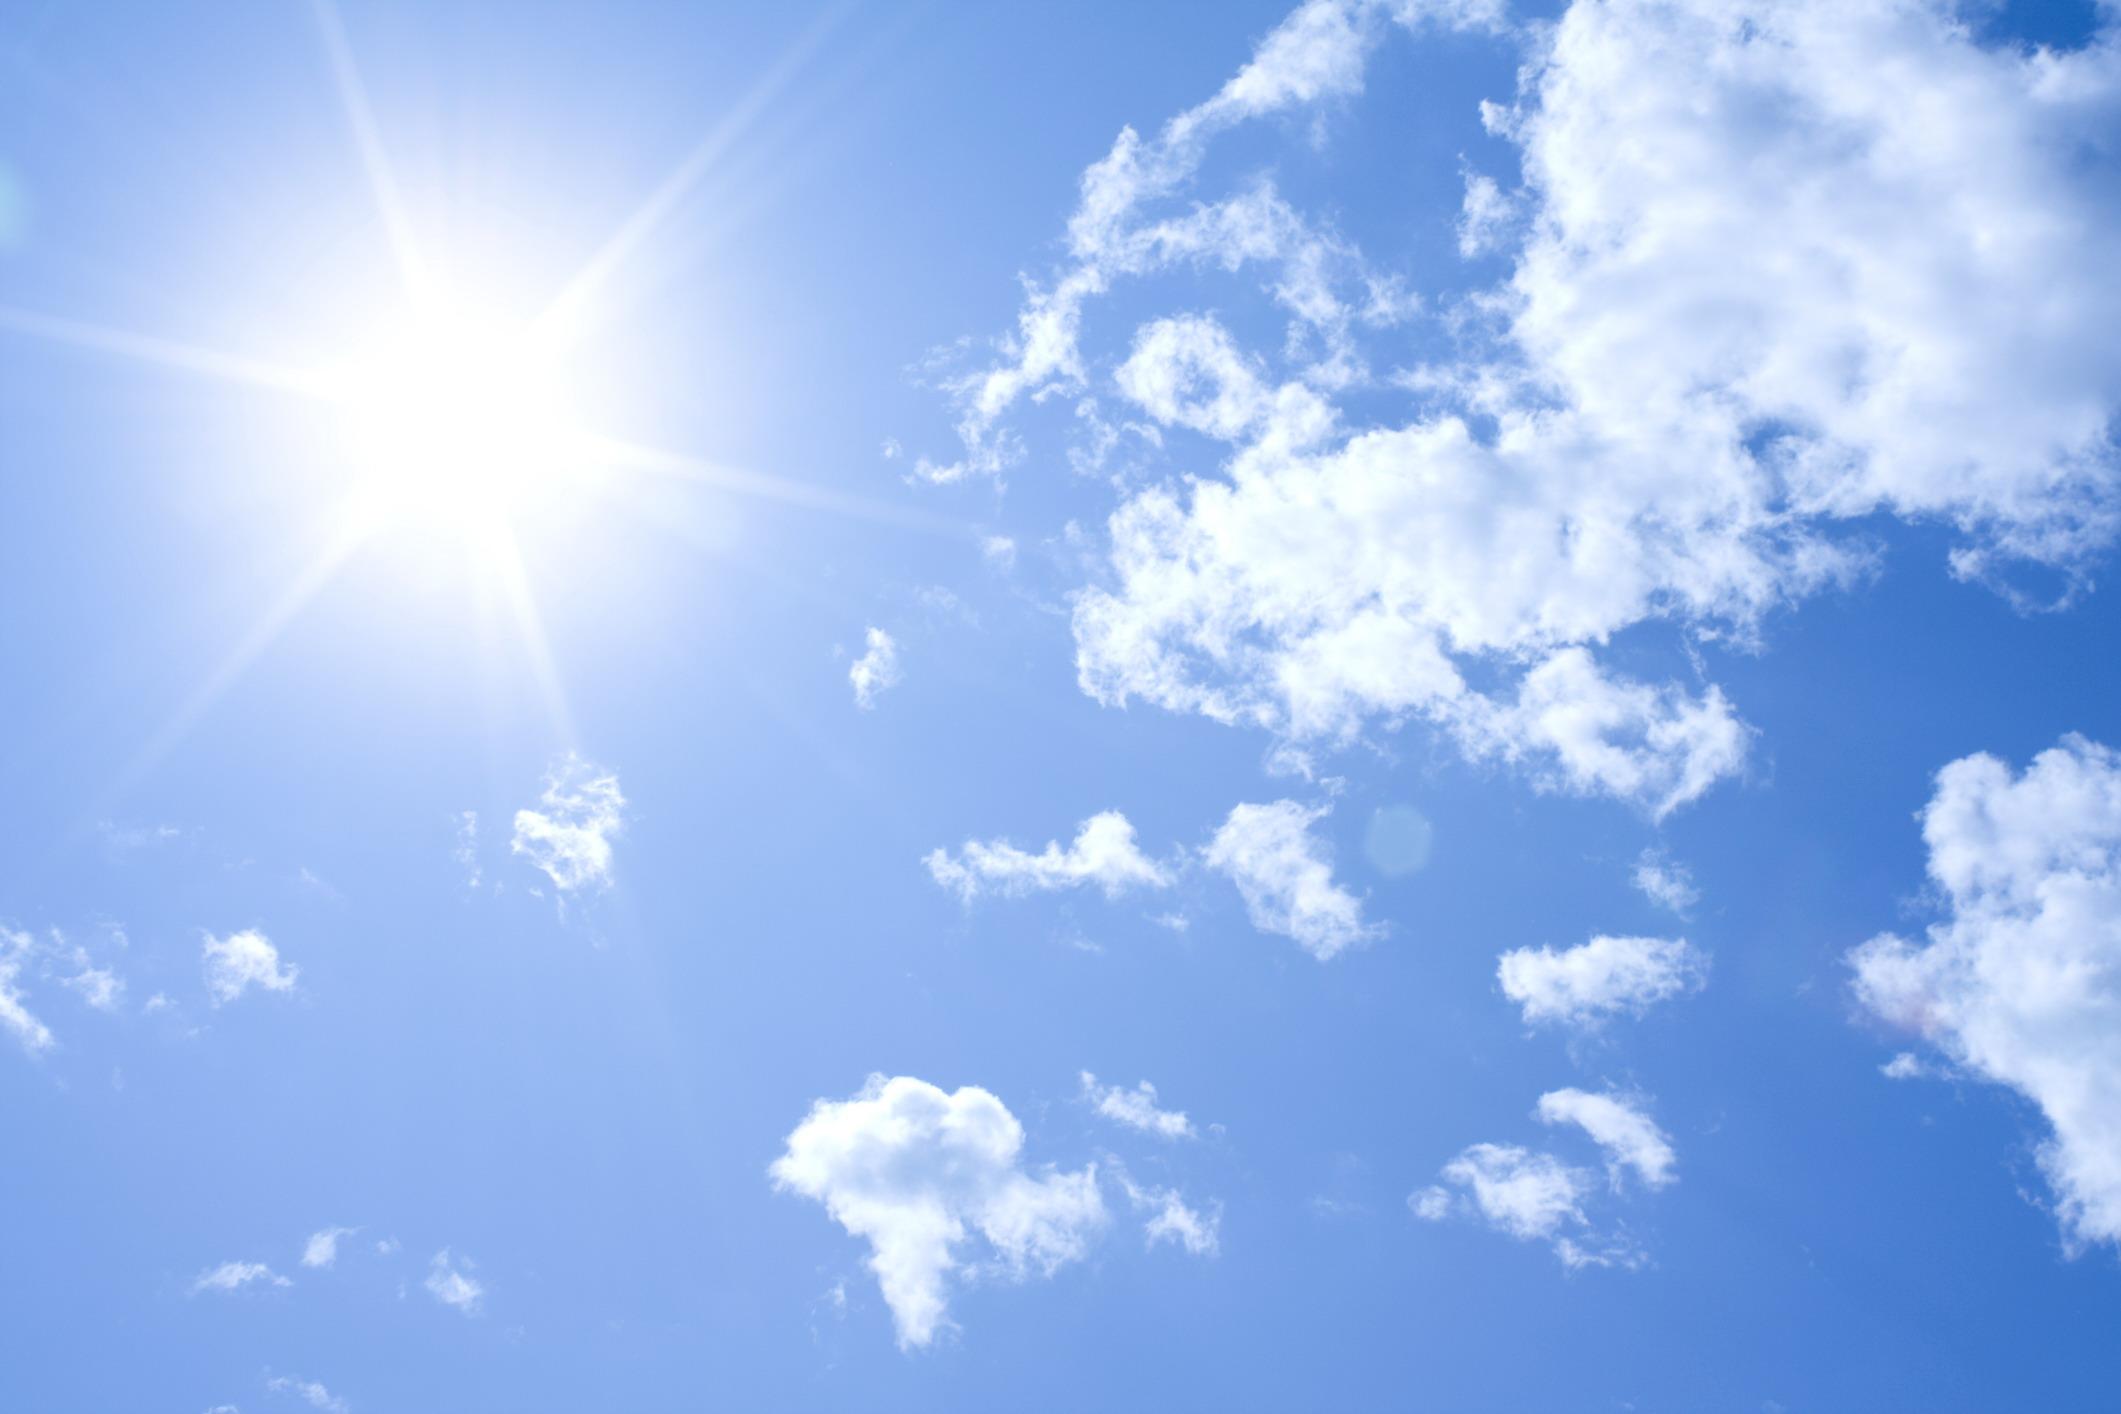 Napos lesz az idő, némi felhővel - pecsma.hu